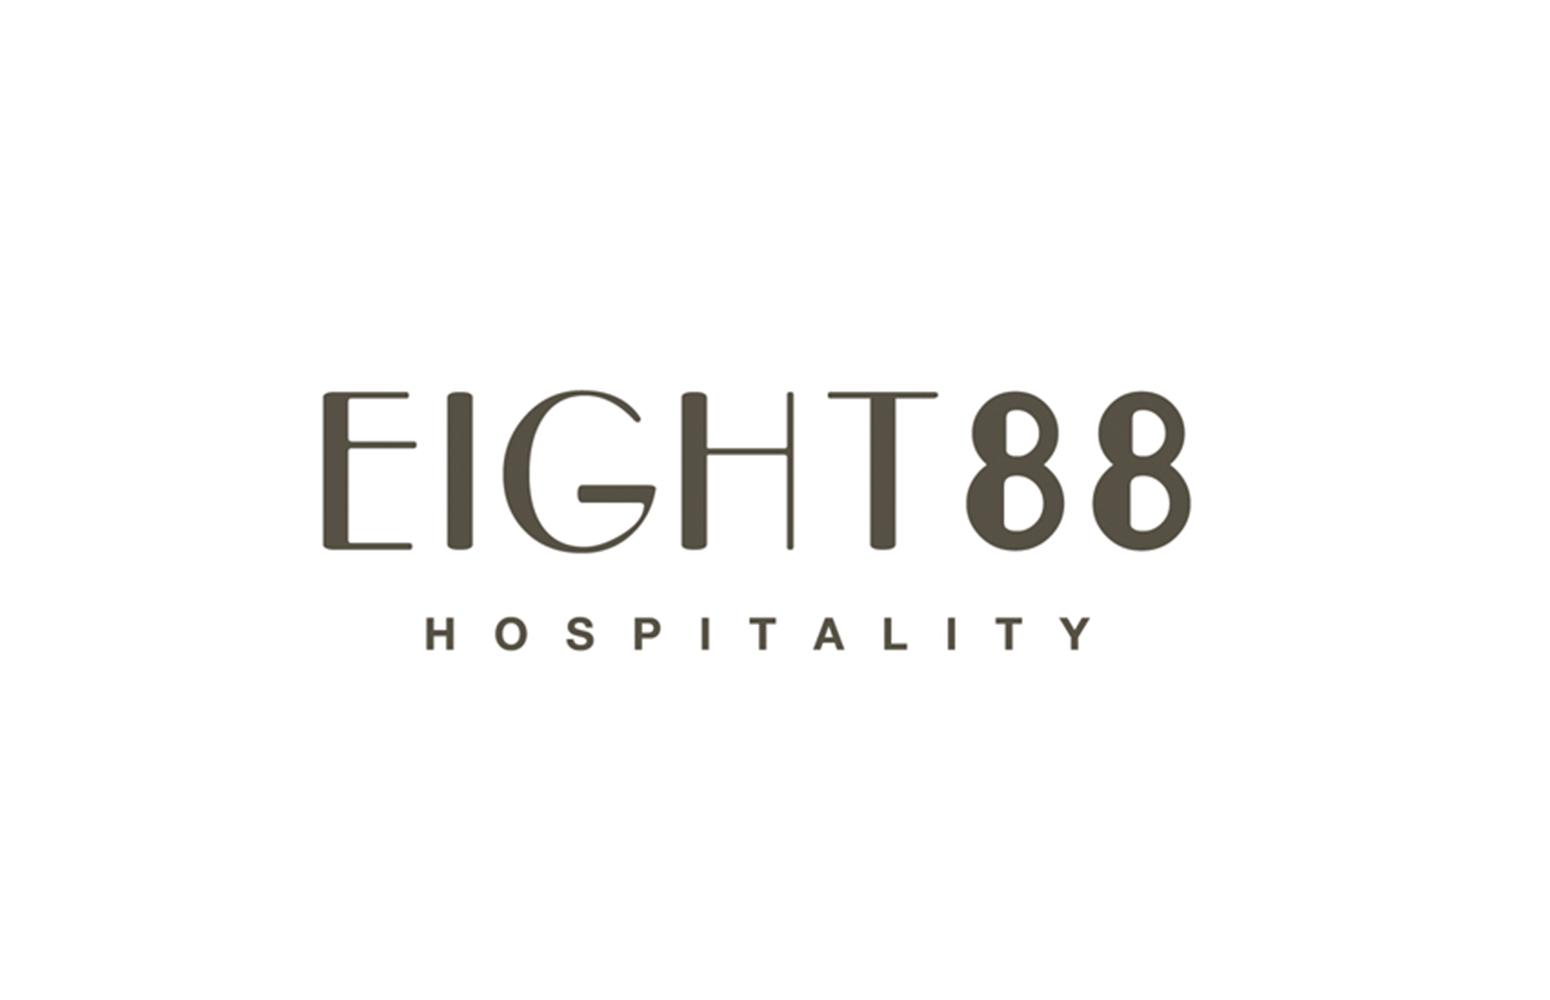 Eight88Hospitality